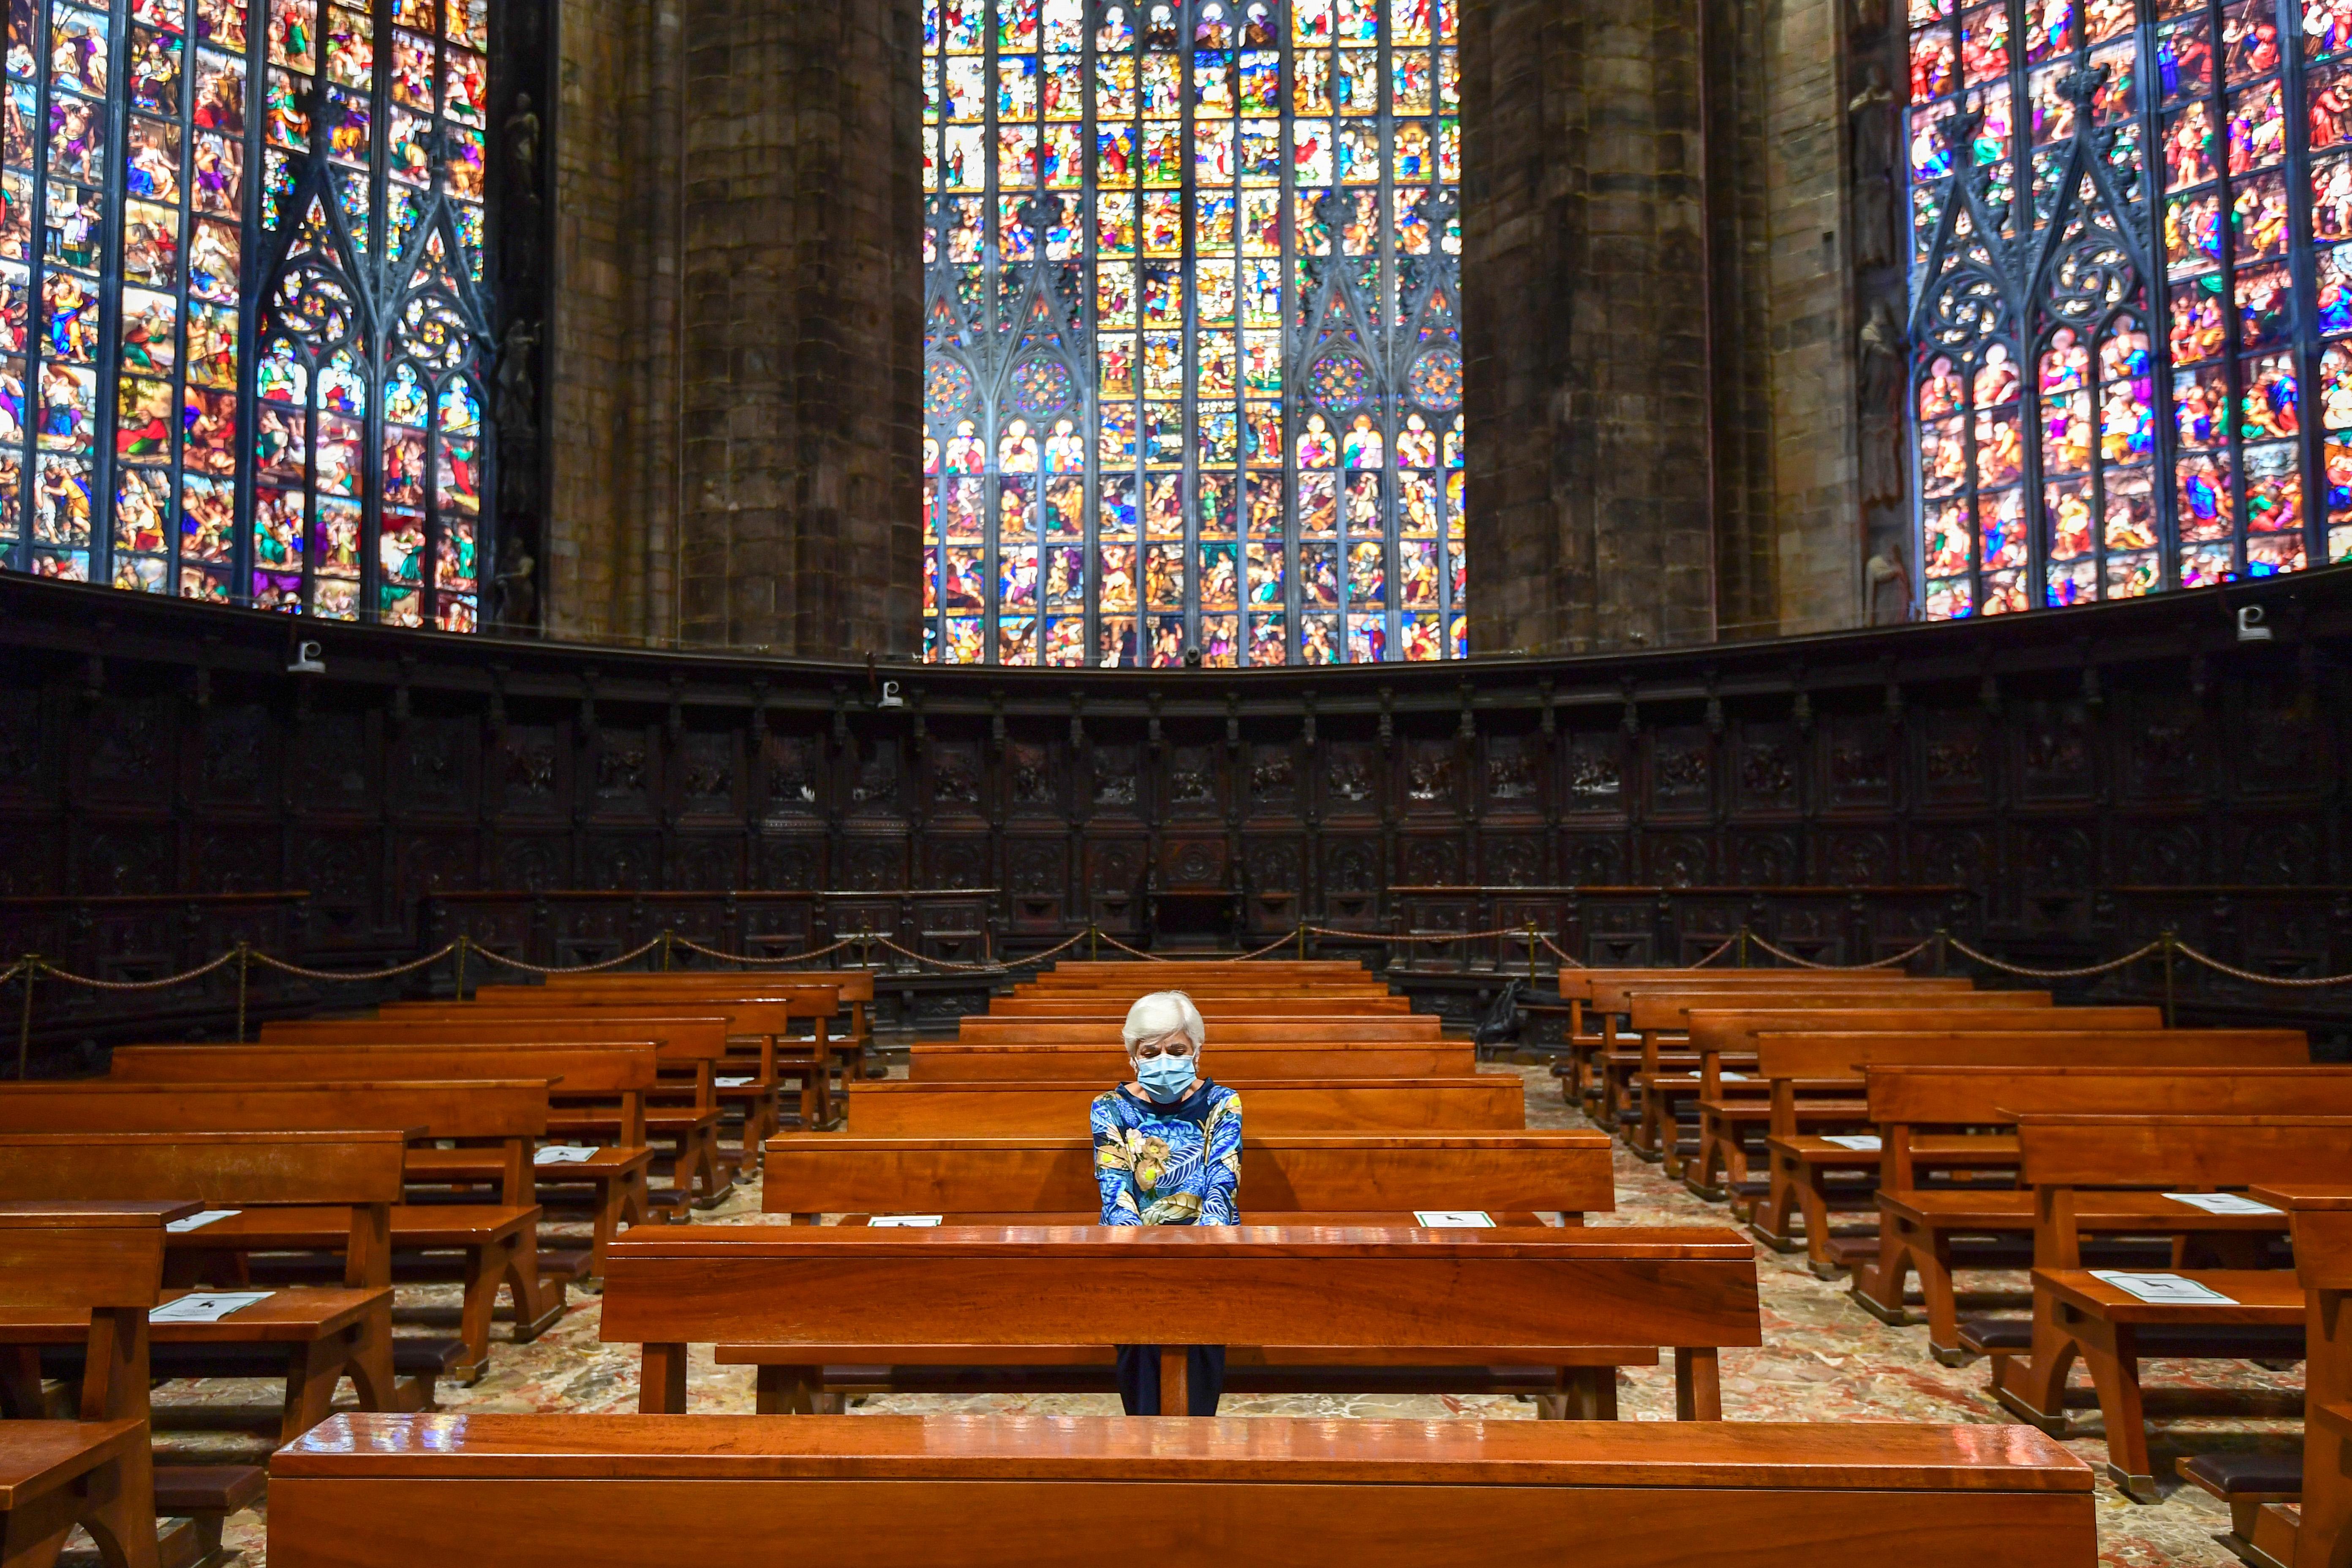 Una mujer durante una misa en la Cappella Feriale del Duomo de Milán (Miguel Medina/ AFP)